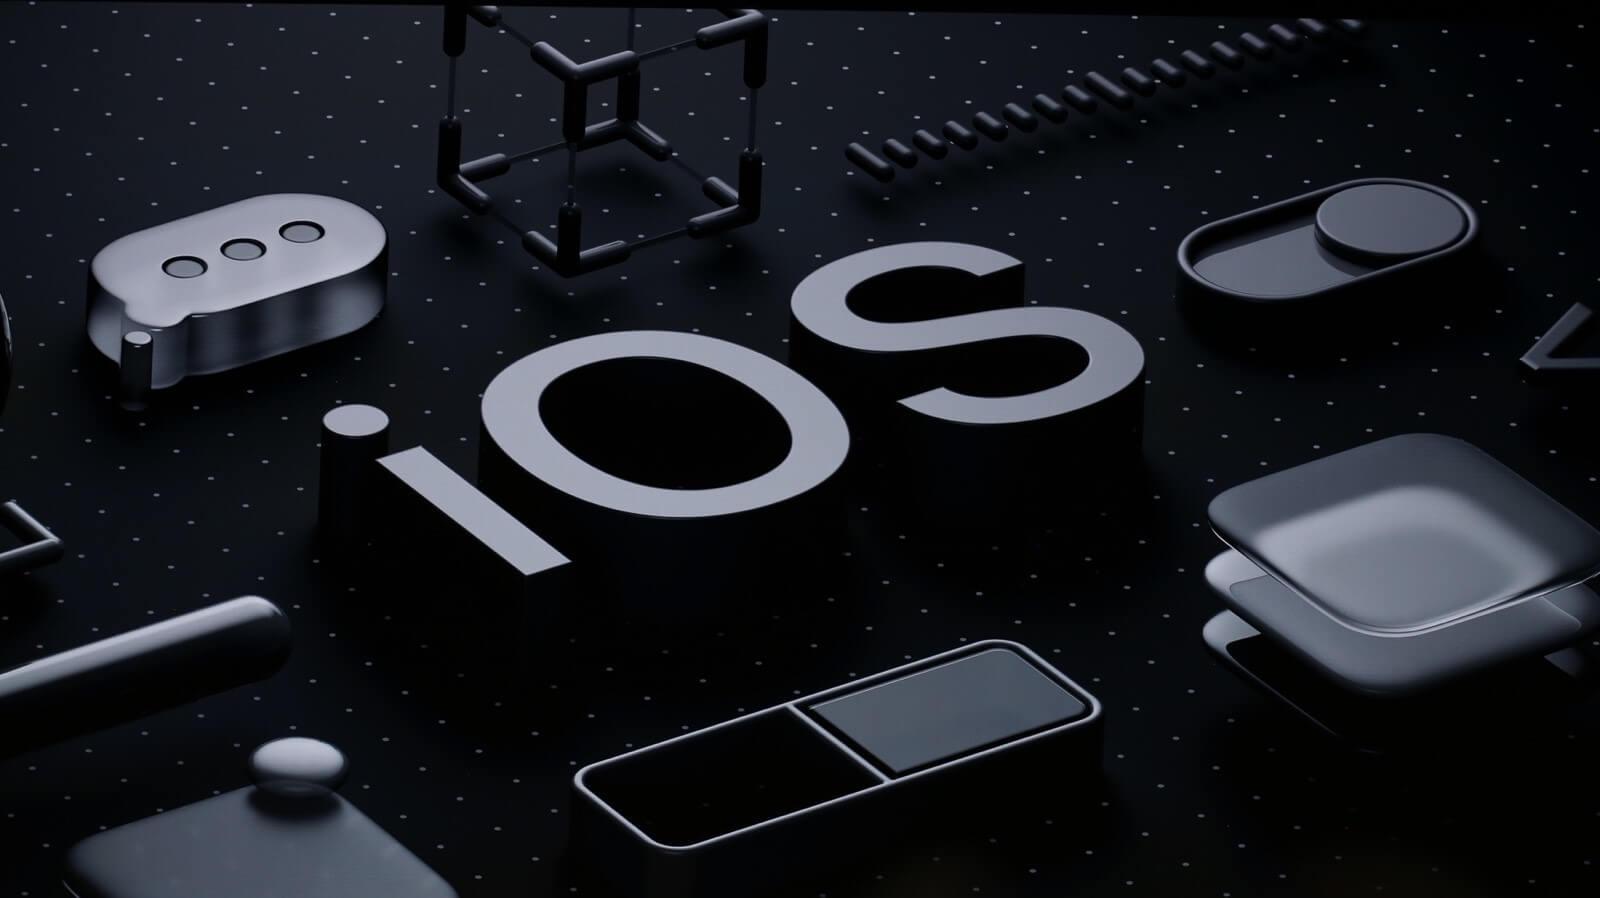 Сравнение: iOS 12.1 против iOS 12.1.1. Кто быстрее?